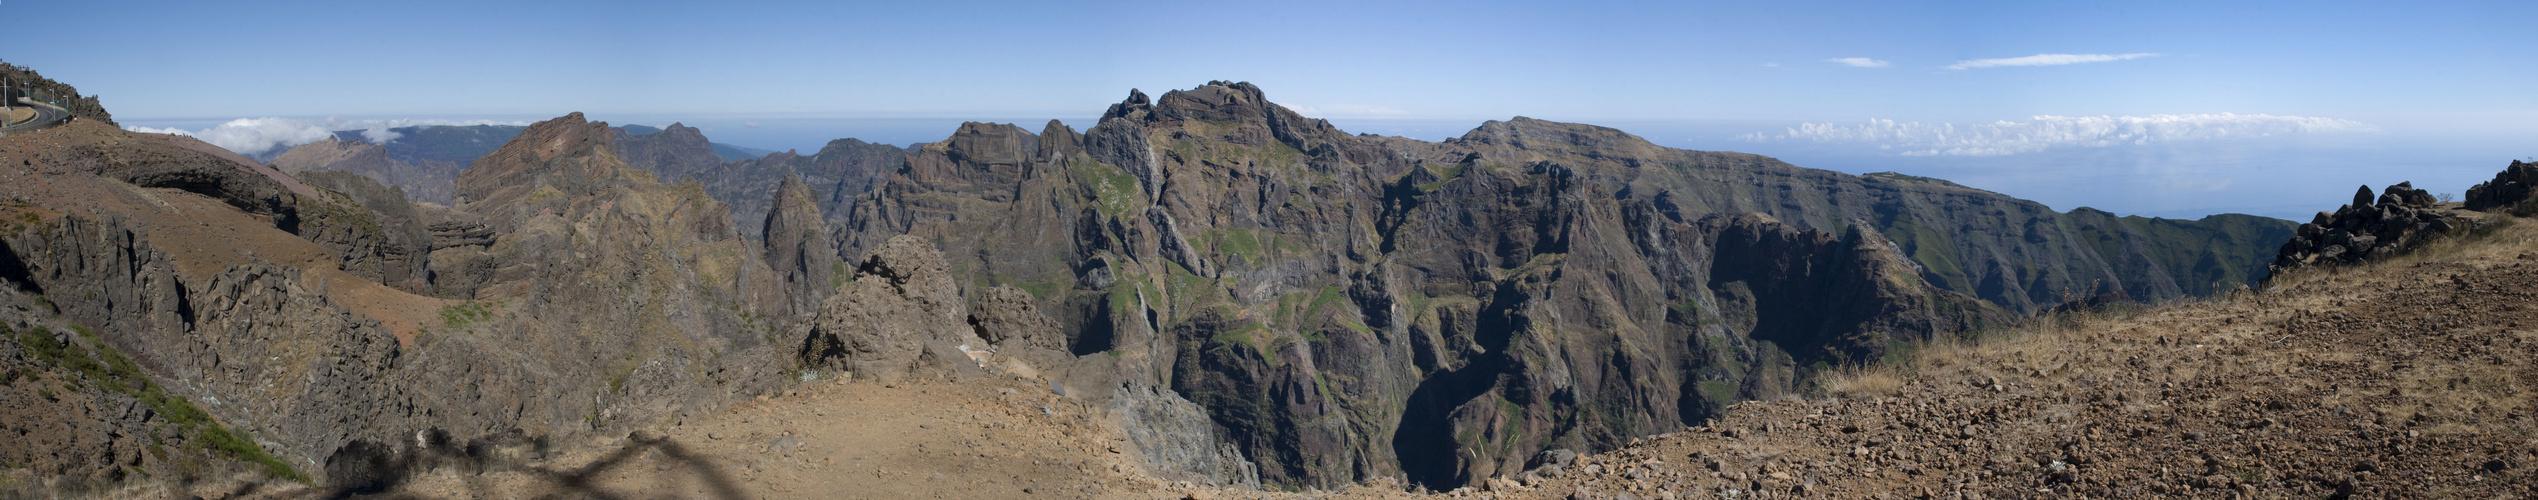 Pico do Arieiro-Panorama